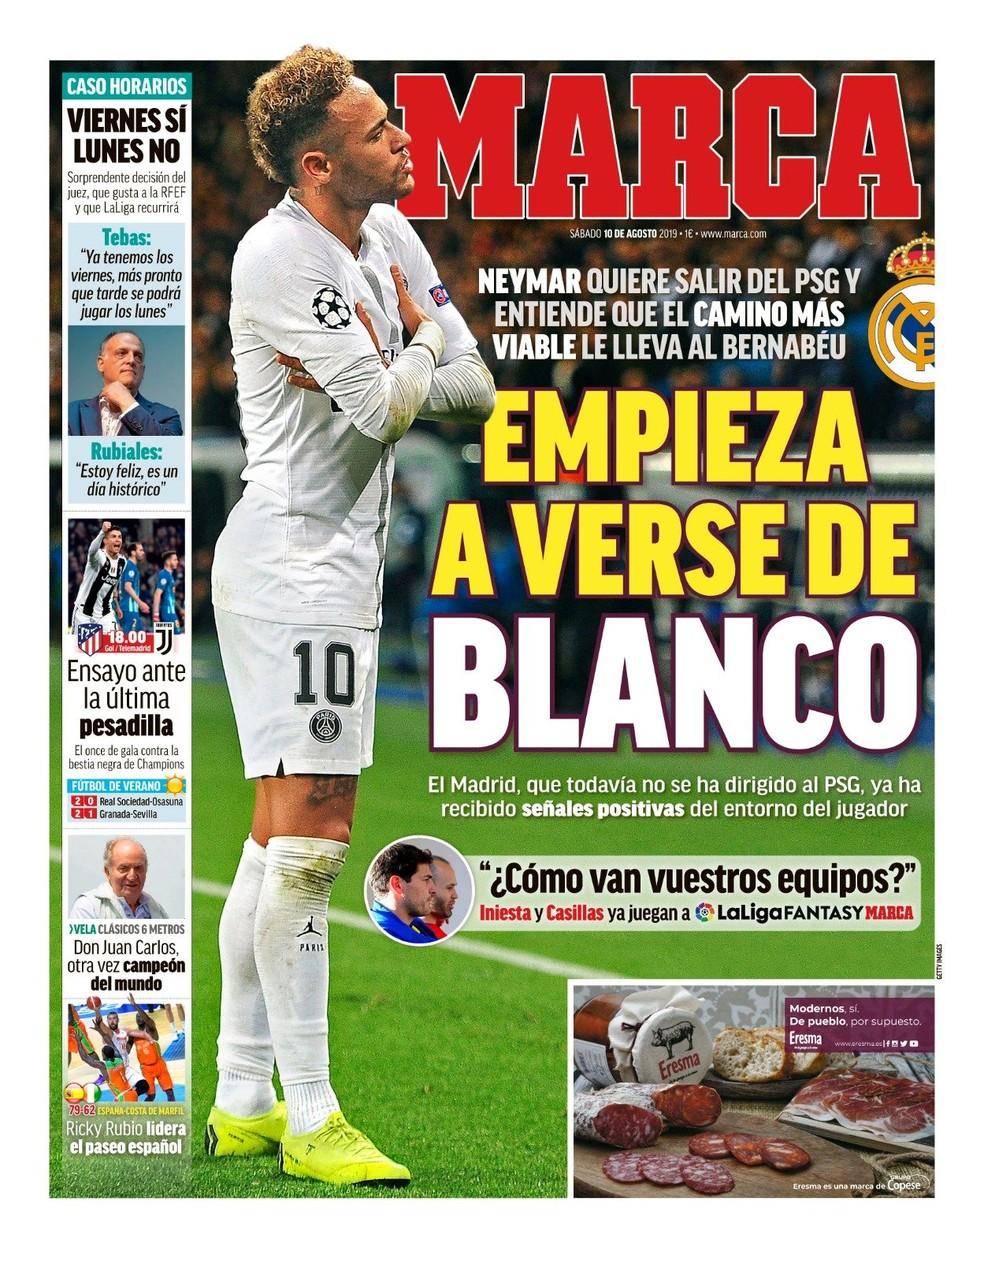 """Neymar """"começa a se ver de branco"""", diz o """"Marca"""" — Foto: Reprodução/Marca"""